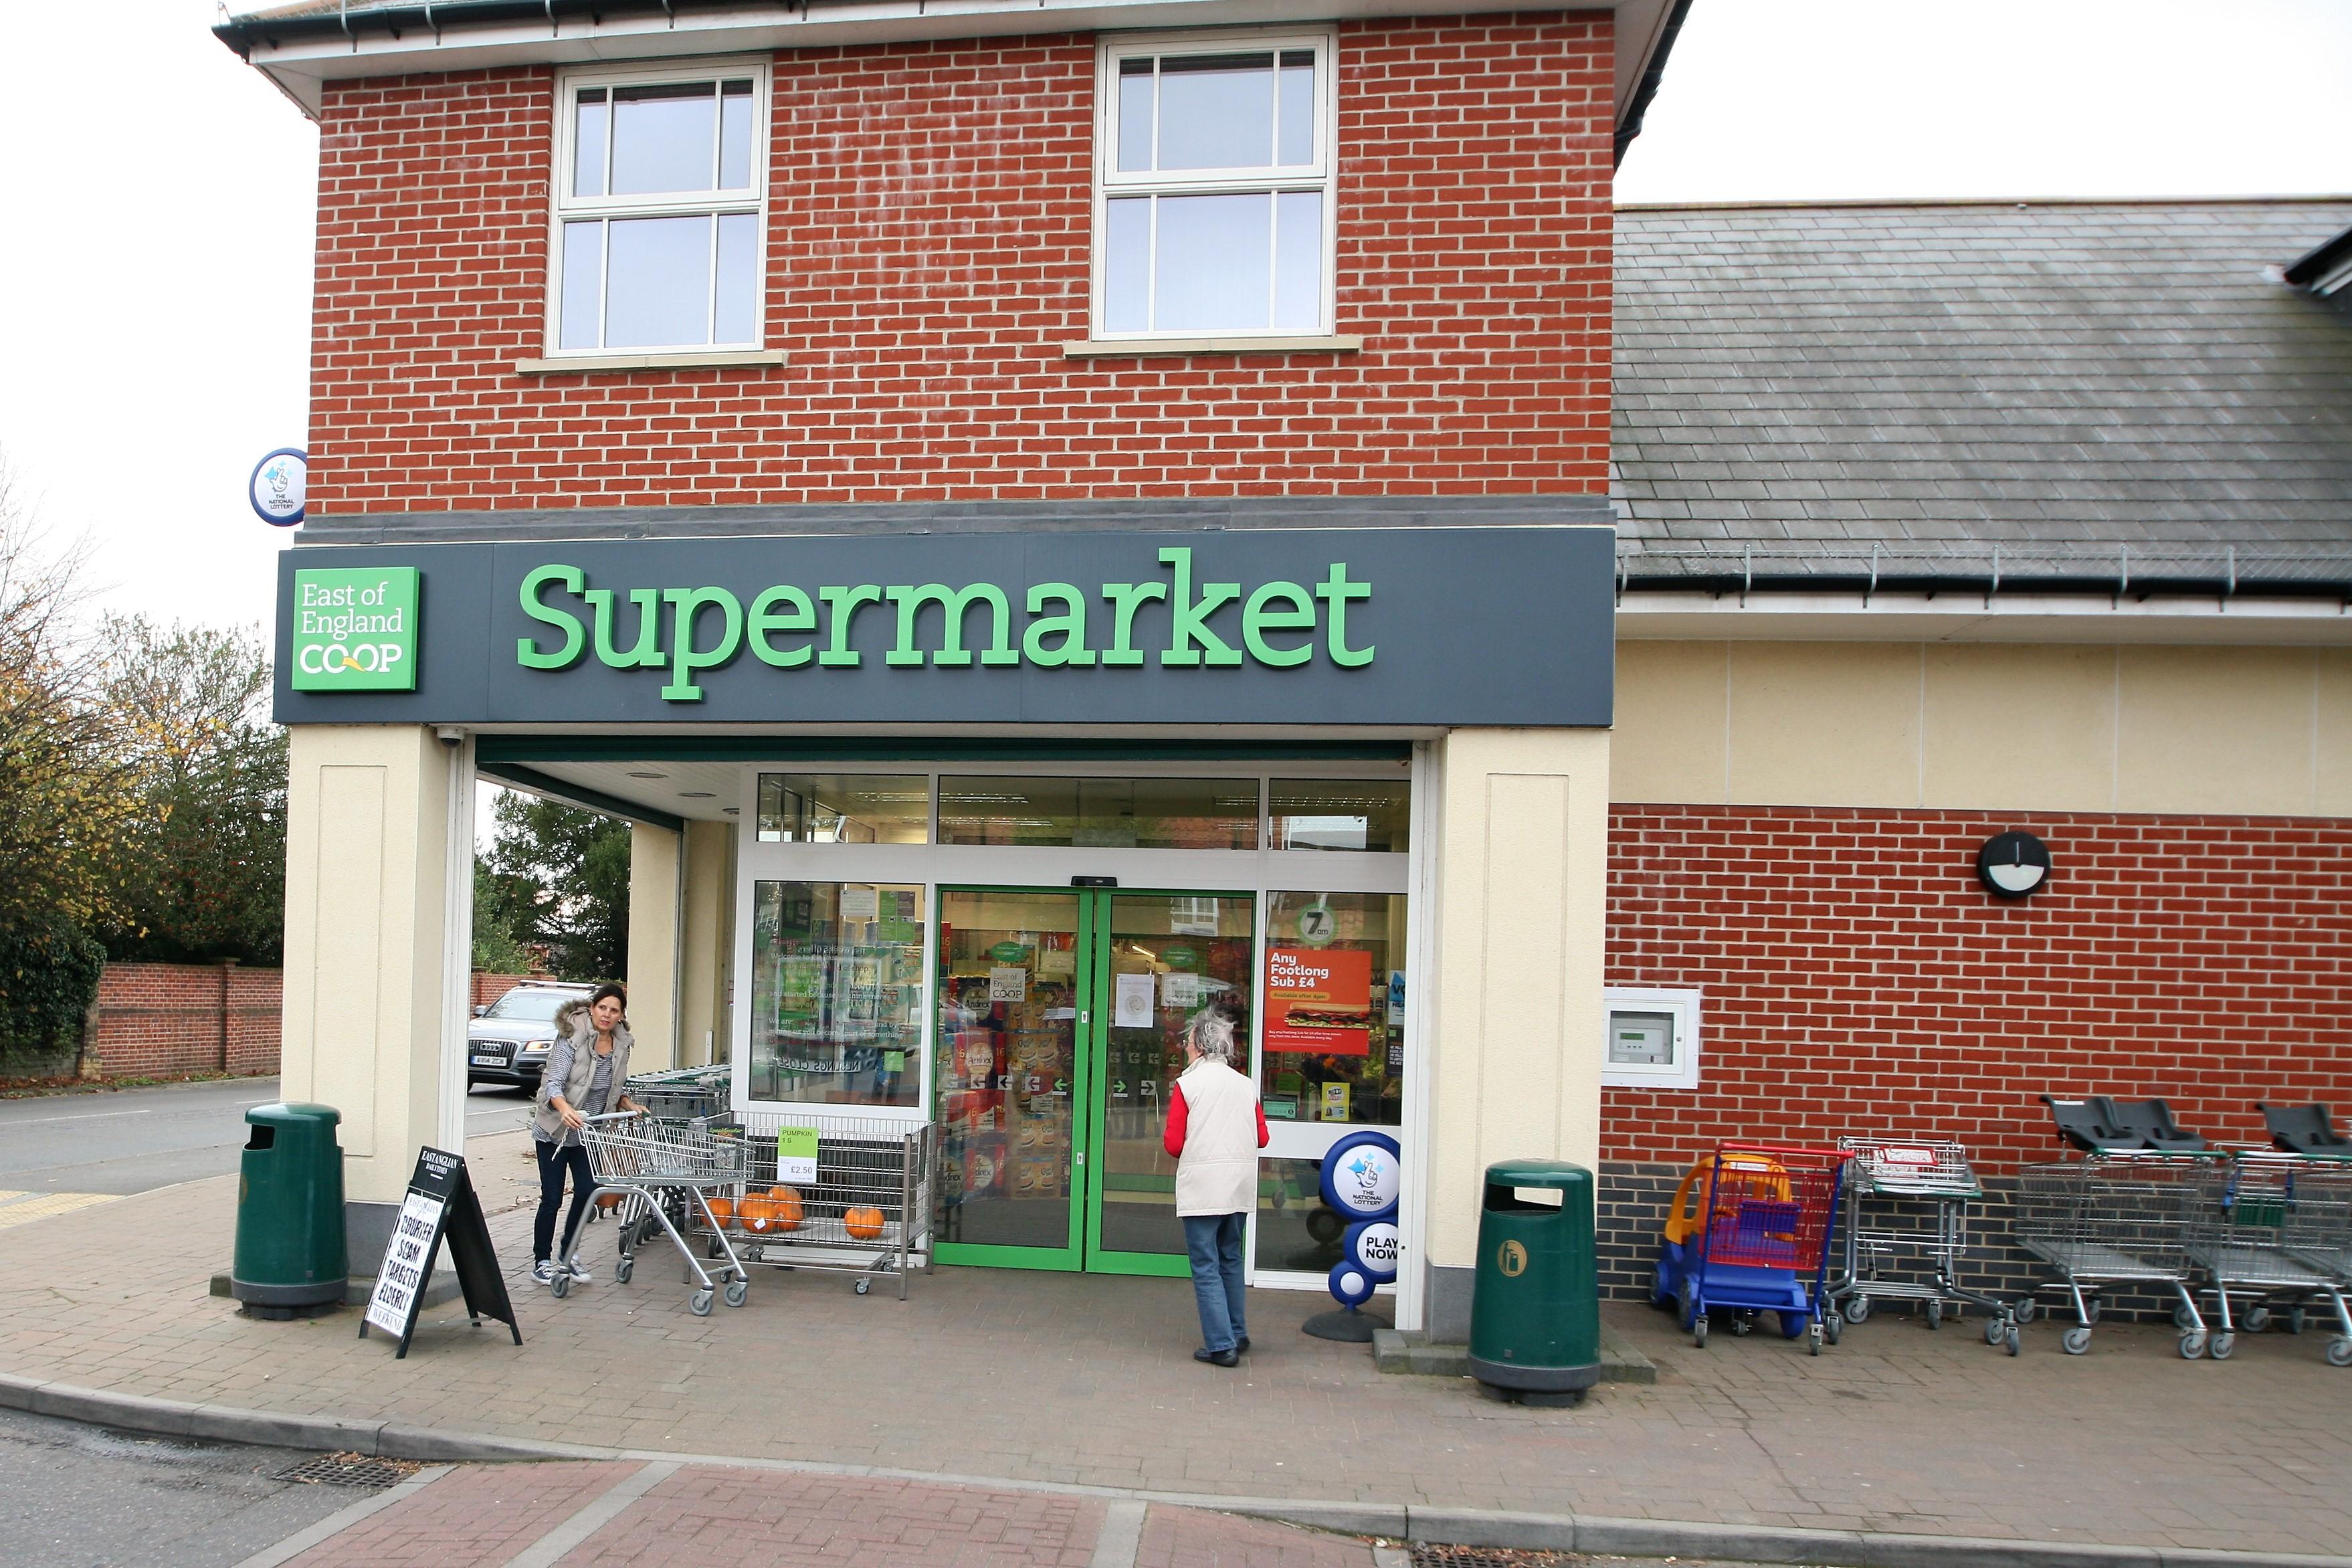 Co-op, Wickham Market, Suffolk